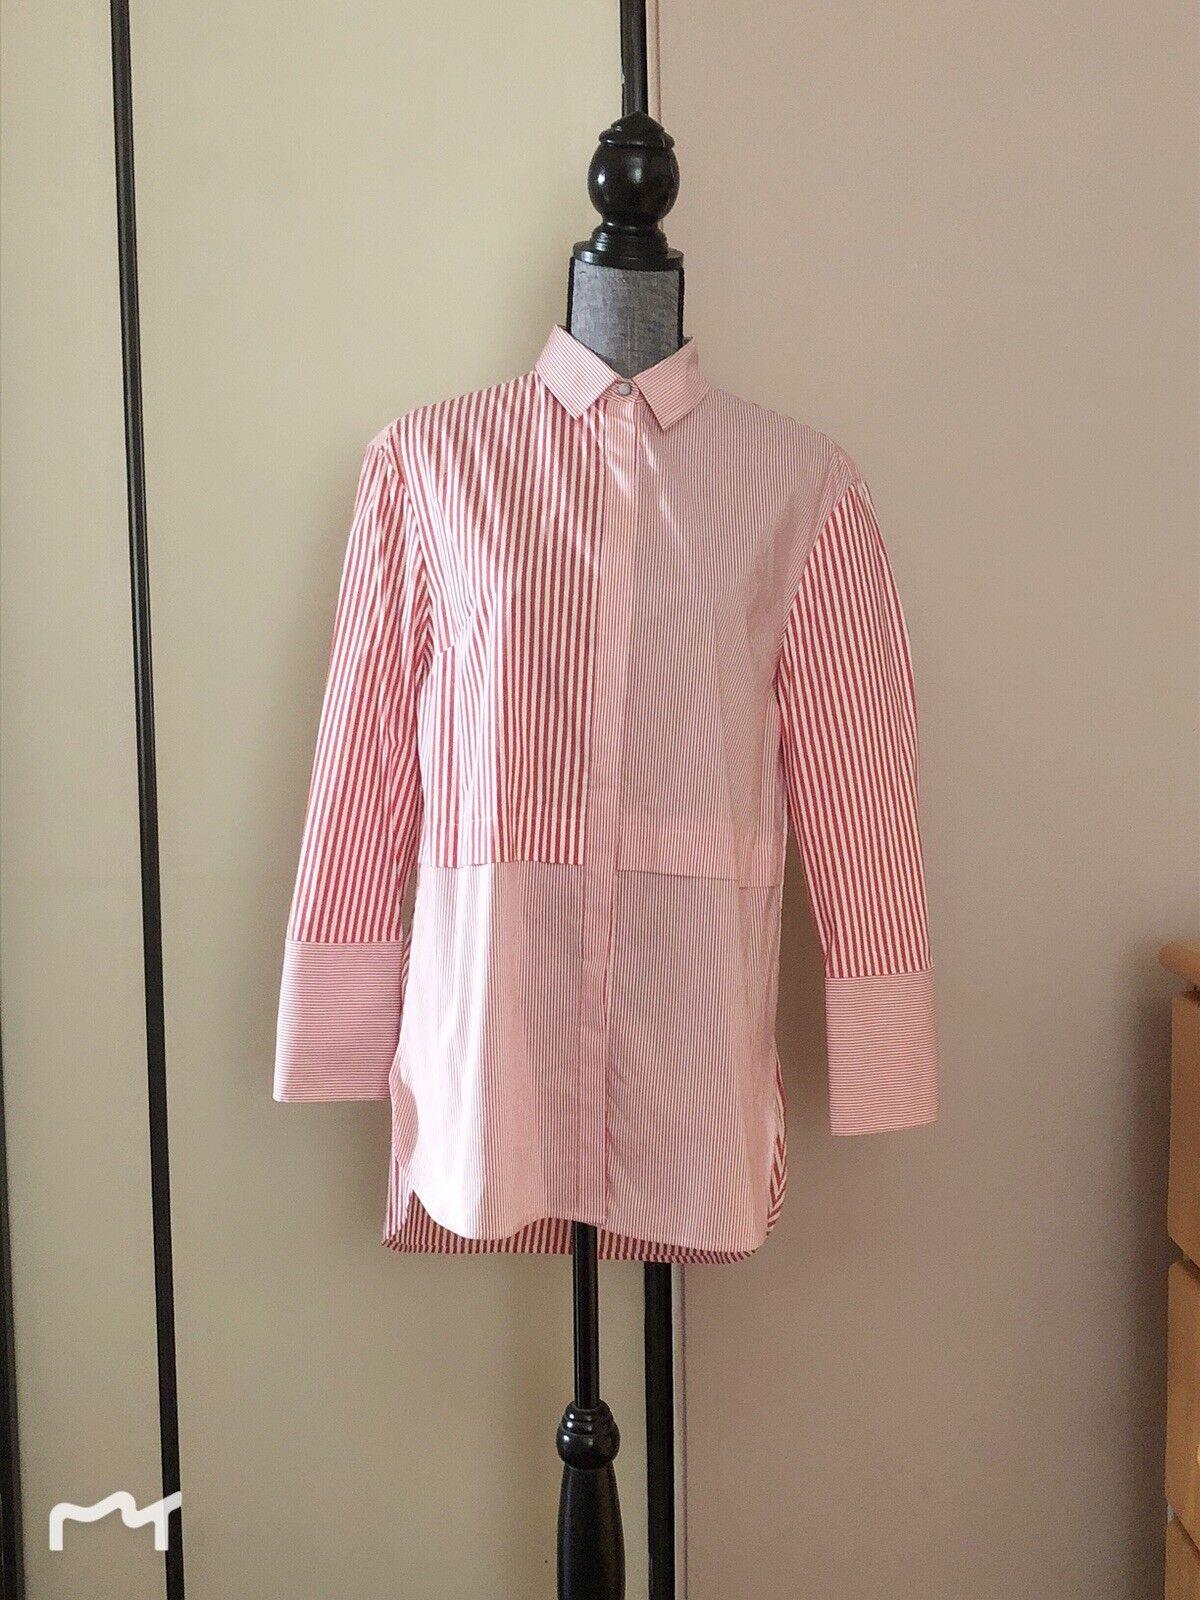 ST. JOHN Cotton Blend rot & Weiß Striped Button Front Dress Shirt  Größe 4 New